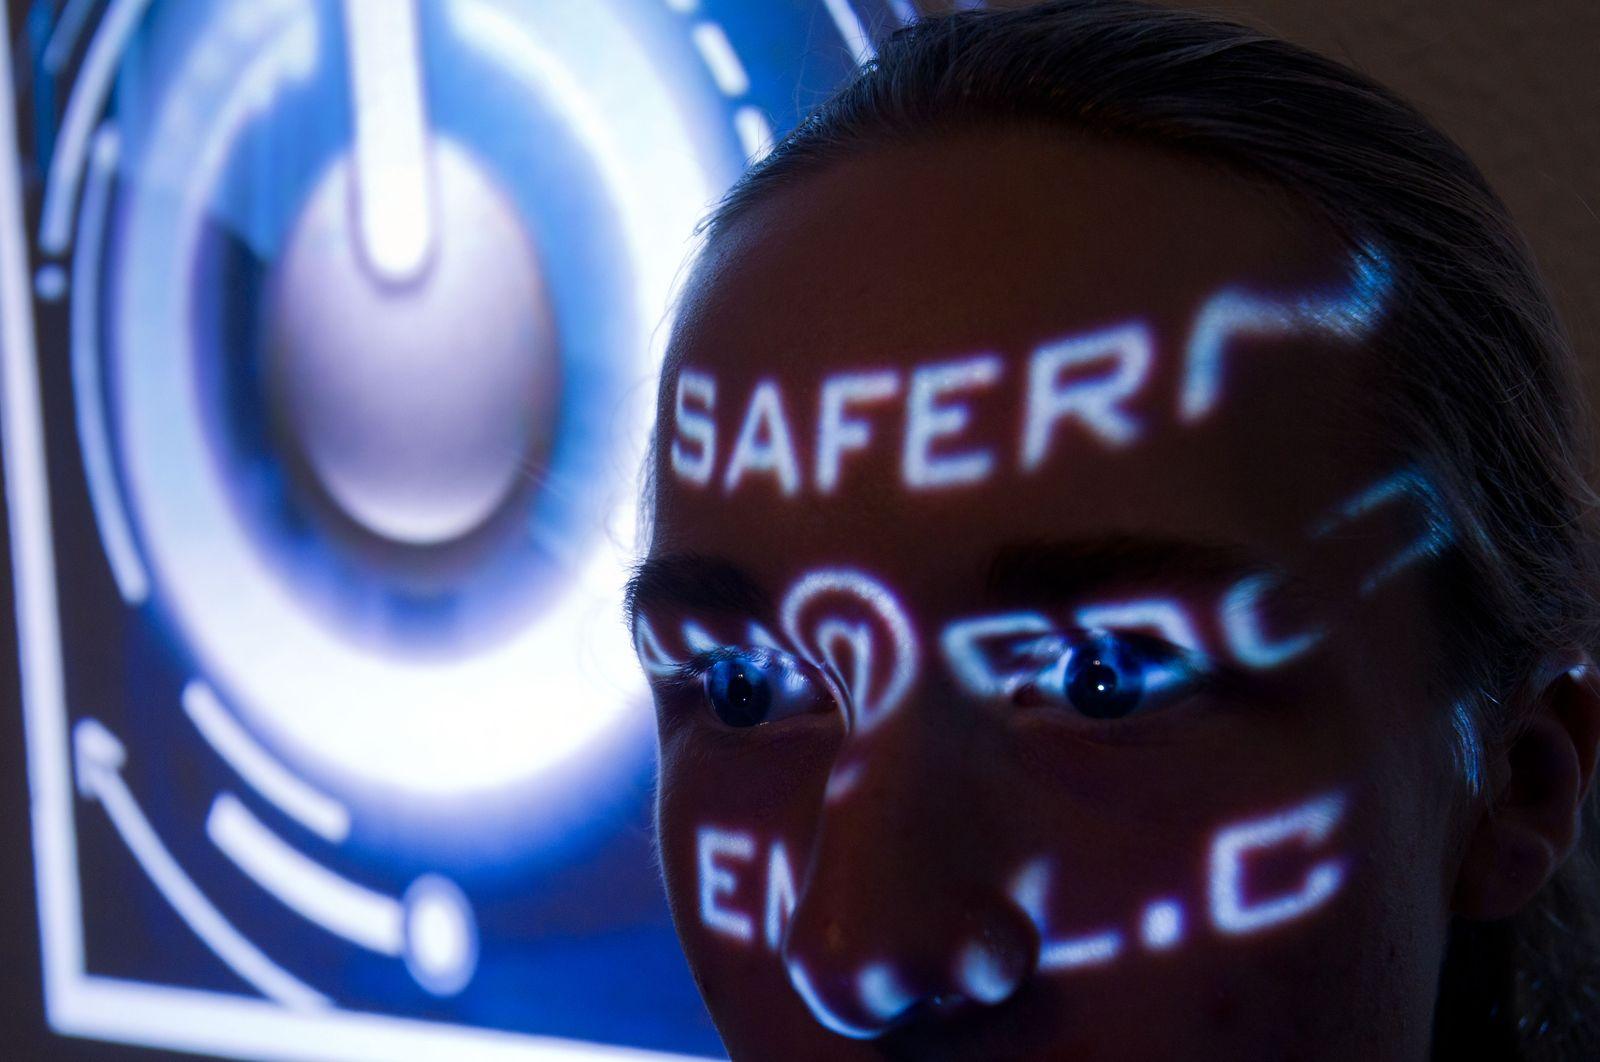 Symbolbild Cyberwar / Cyberkrieg / Cyber-Kriminalität